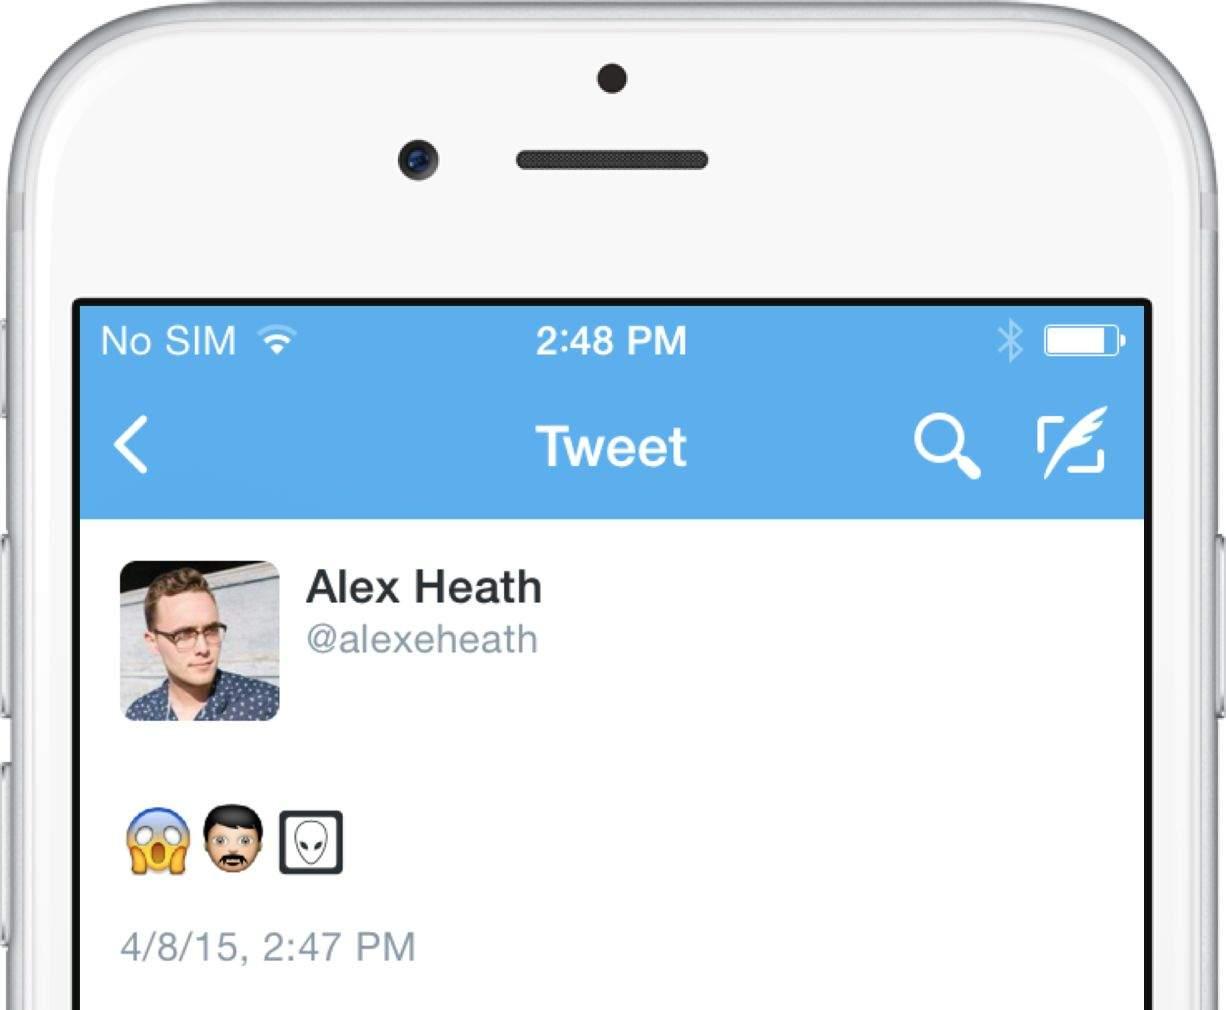 Alien face in box emoji meanings - Alien Face In Box Emoji Meanings 13